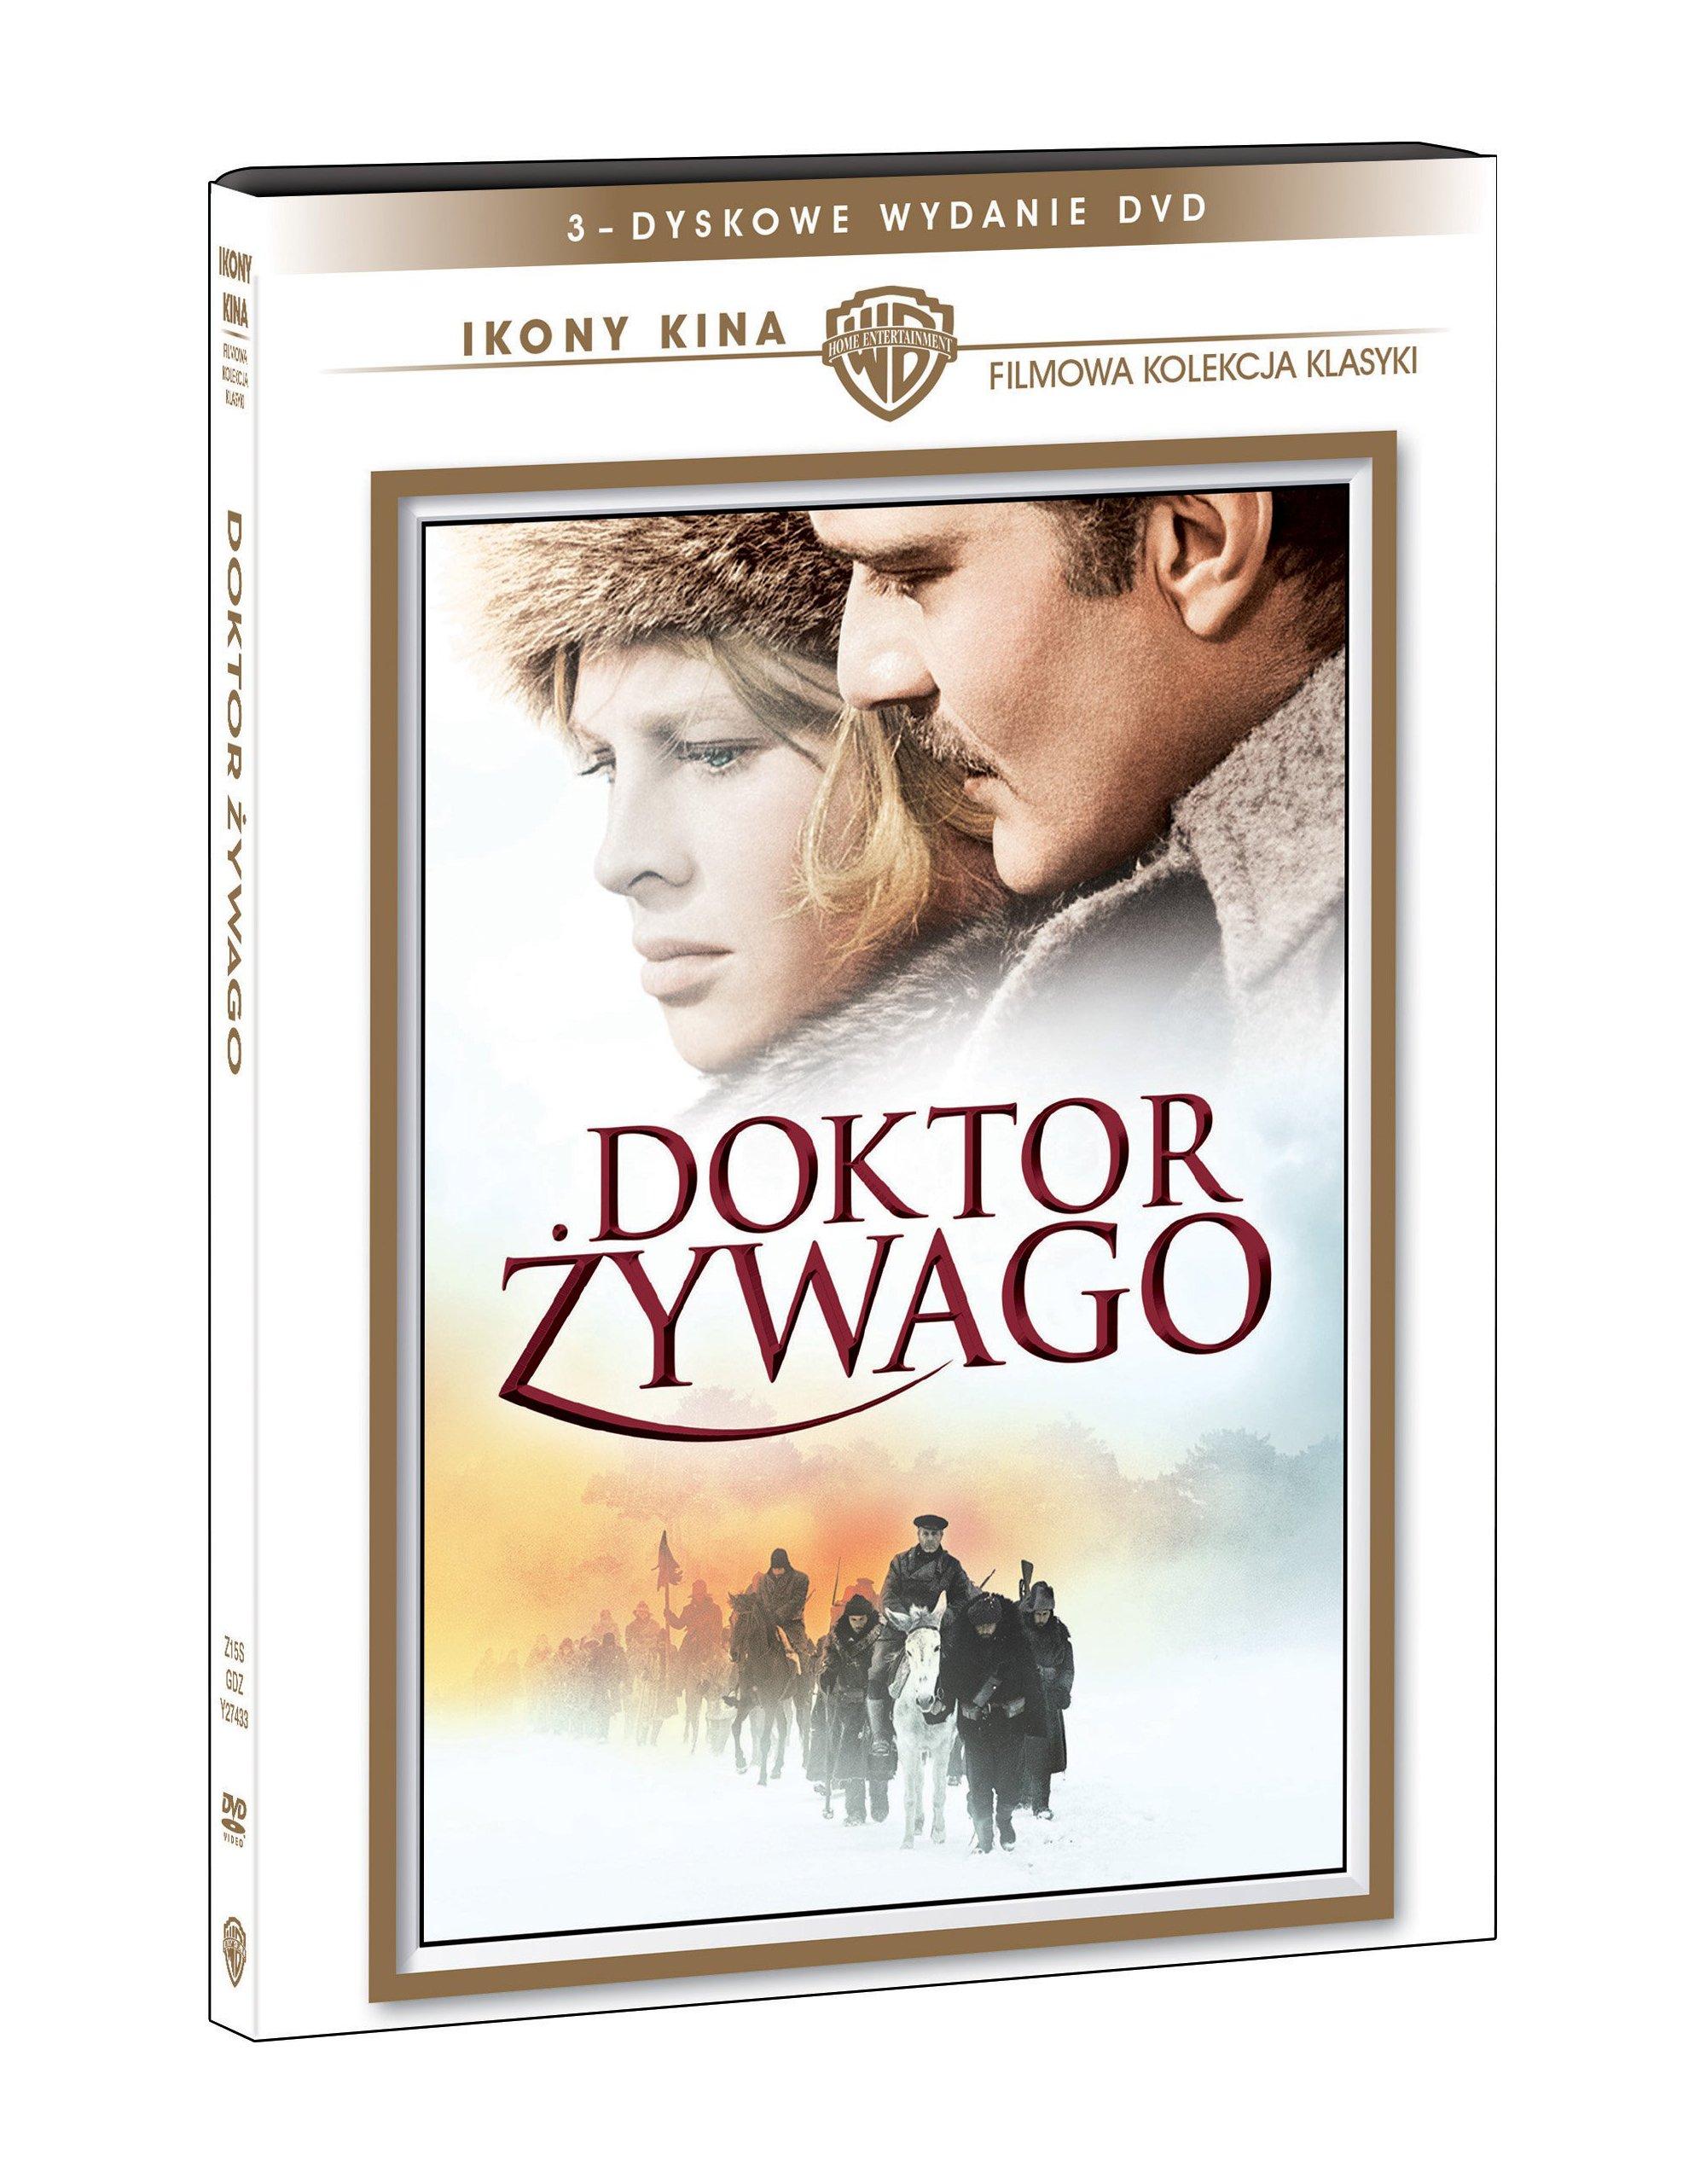 Doktor Żywago (3 DVD) Ikony Kina DVD